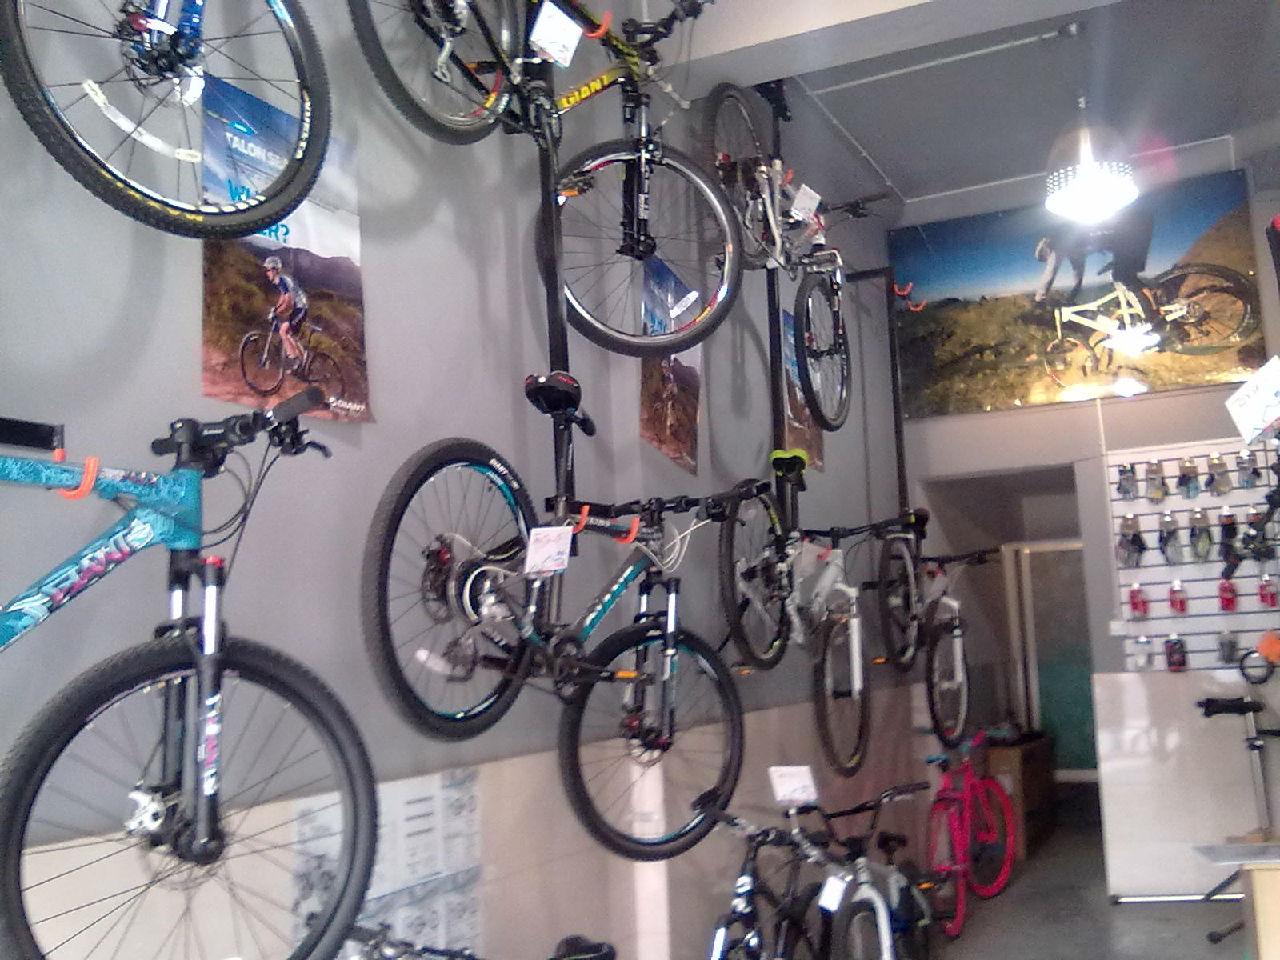 单车旅行唯美图片大全 单车旅行 唯美图片 qq个性